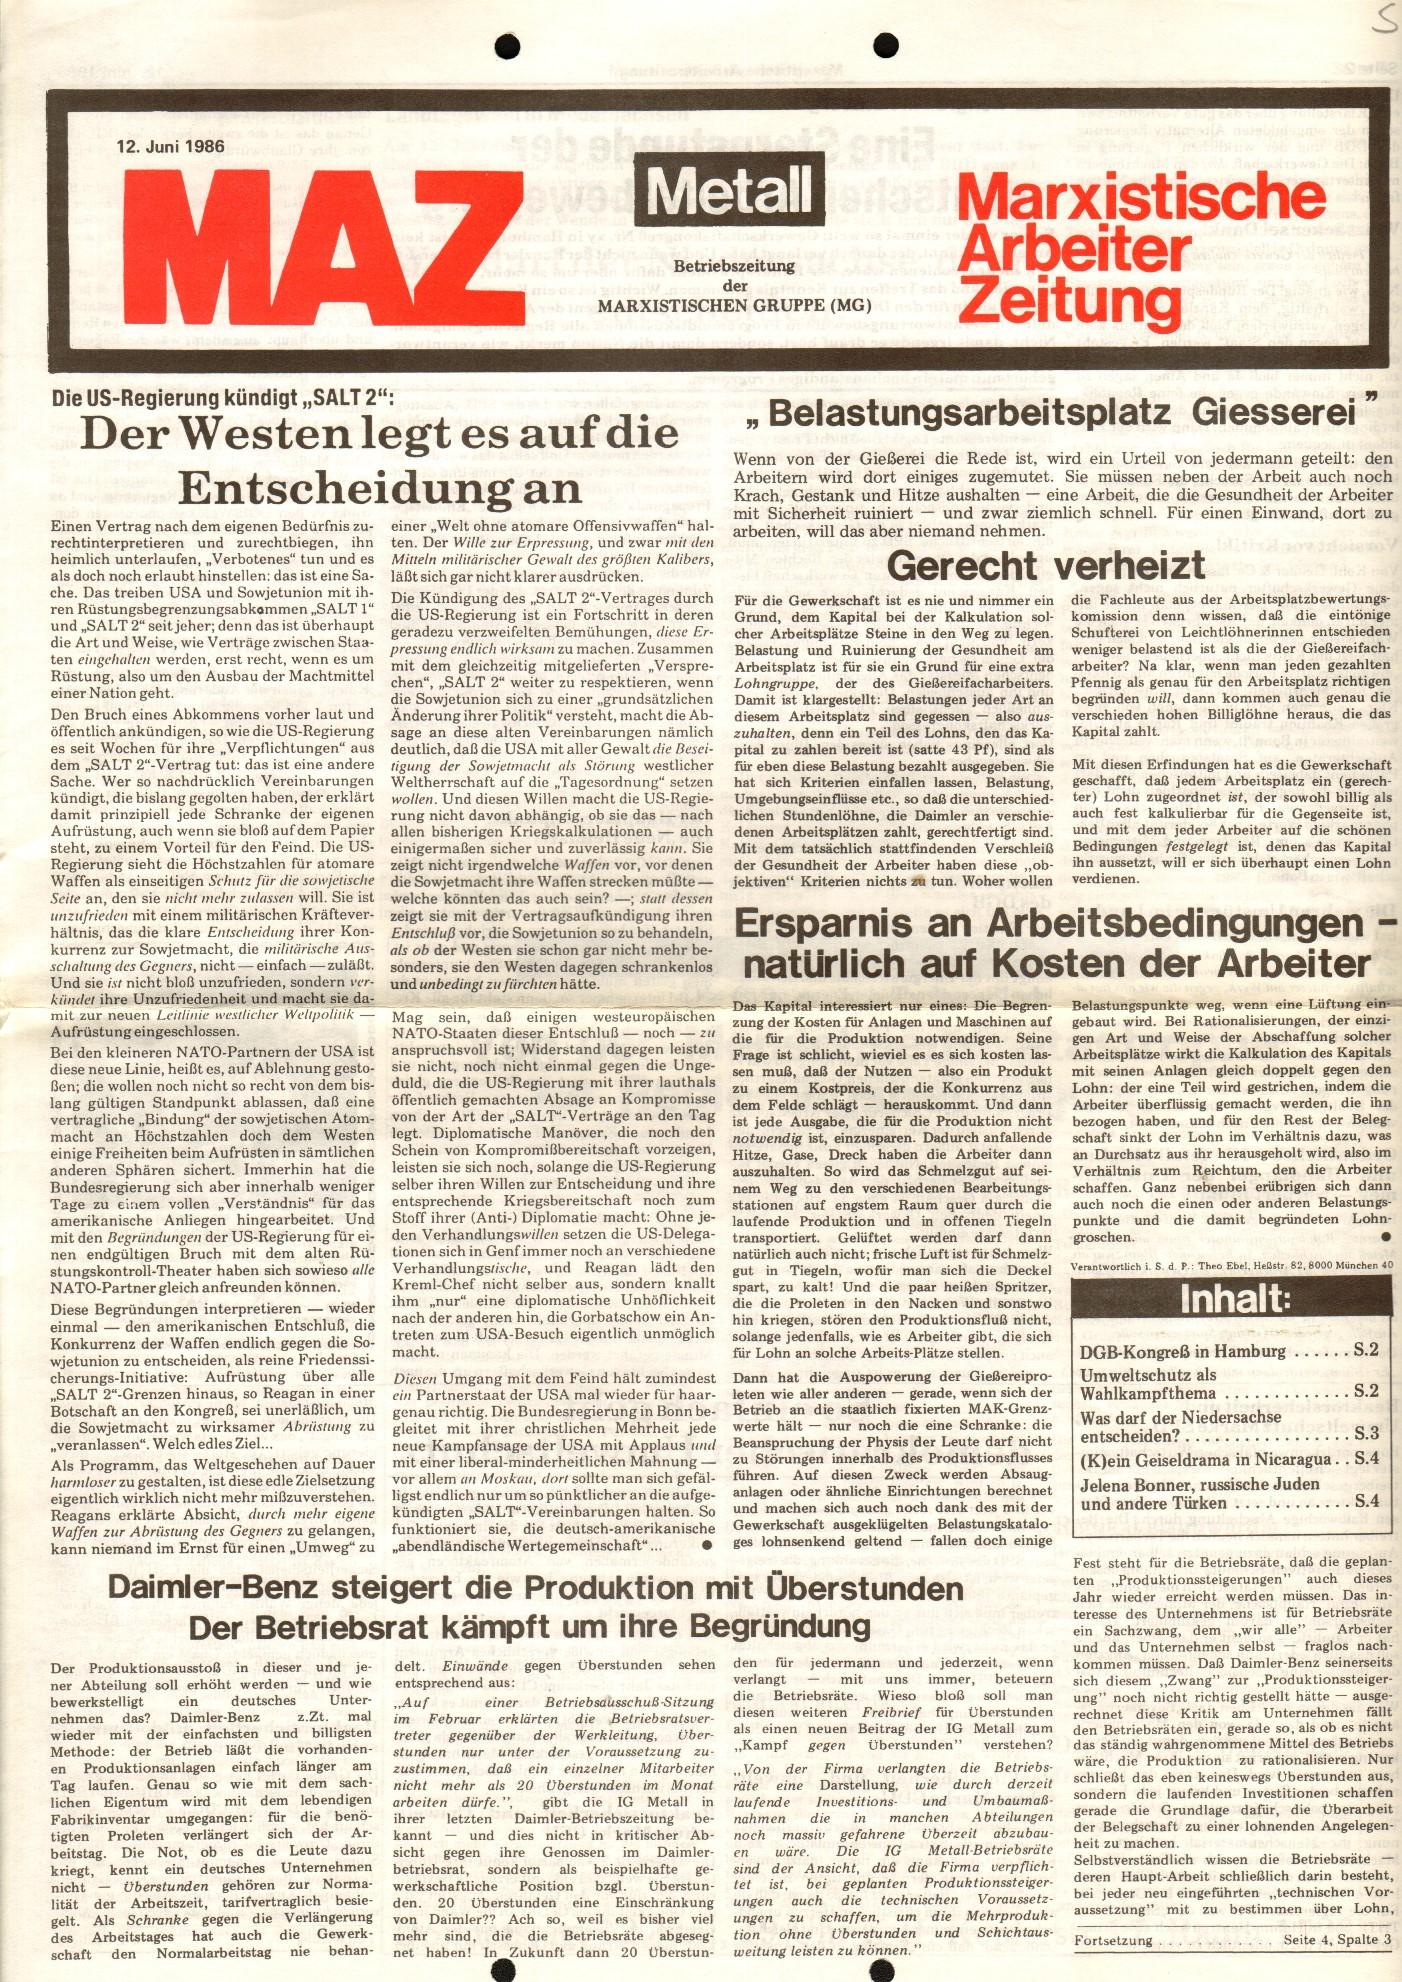 BW_MG_Marxistische_Arbeiterzeitung_19860612_01